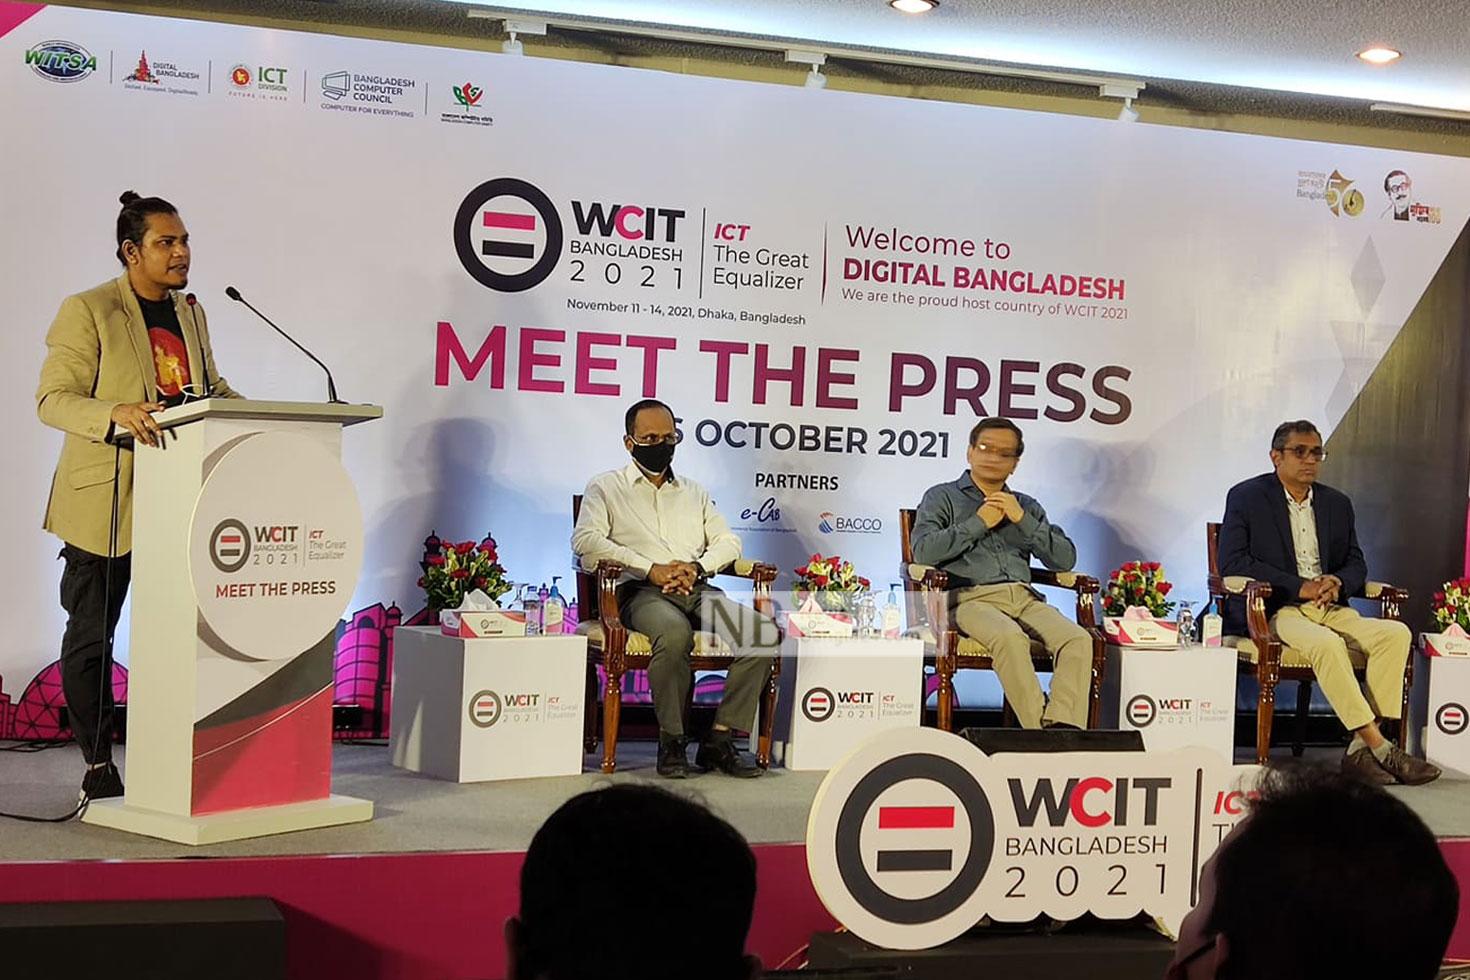 ঢাকায় বিশ্ব তথ্যপ্রযুক্তি সম্মেলন নভেম্বরে